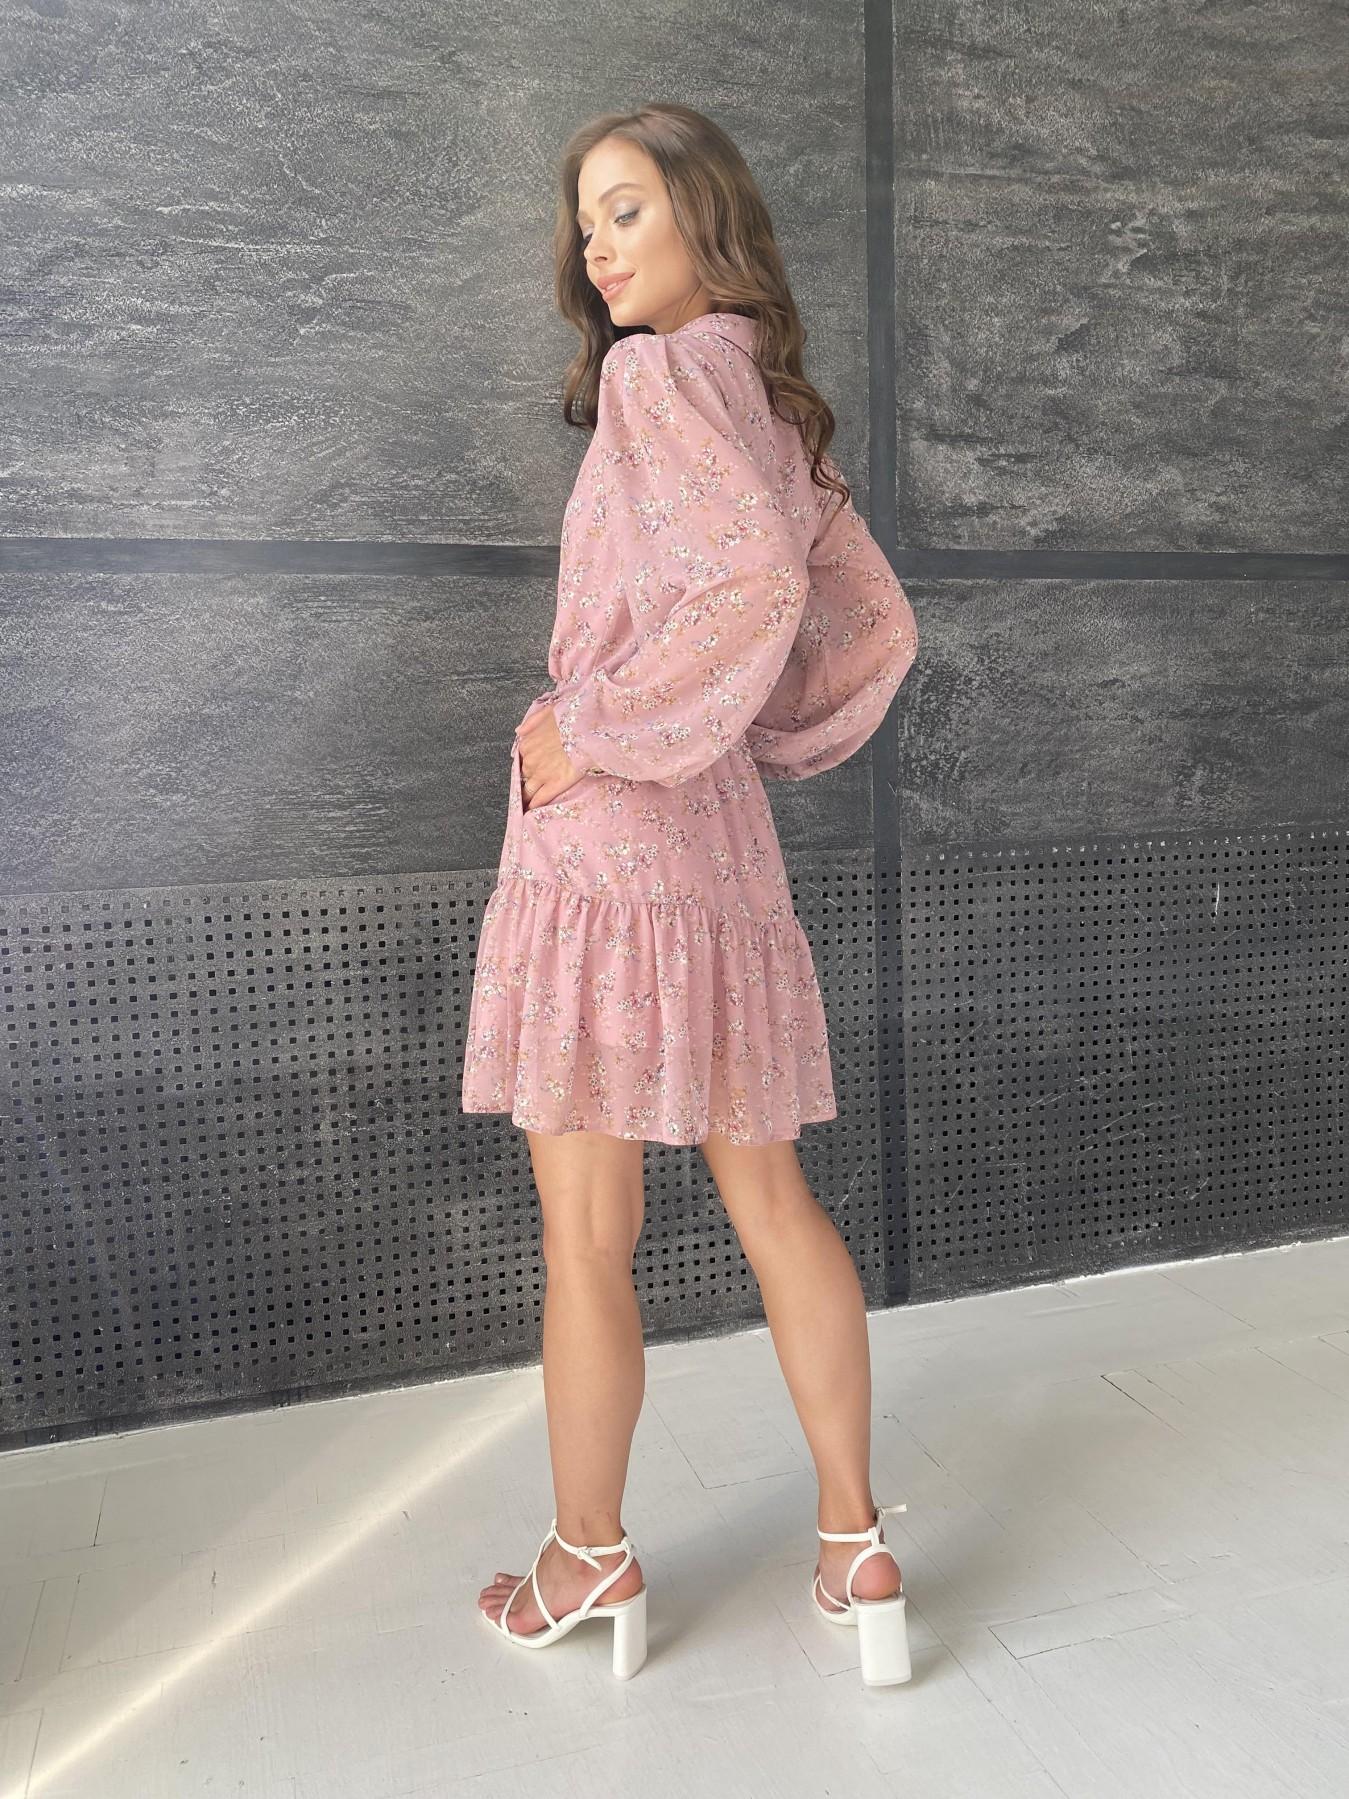 Молизе платье из шифона длиной мини с длинным рукавом в цветочной расцветке 11683 АРТ. 48390 Цвет: Пудра Т/Мол/Беж/ЦвНаВетке - фото 8, интернет магазин tm-modus.ru